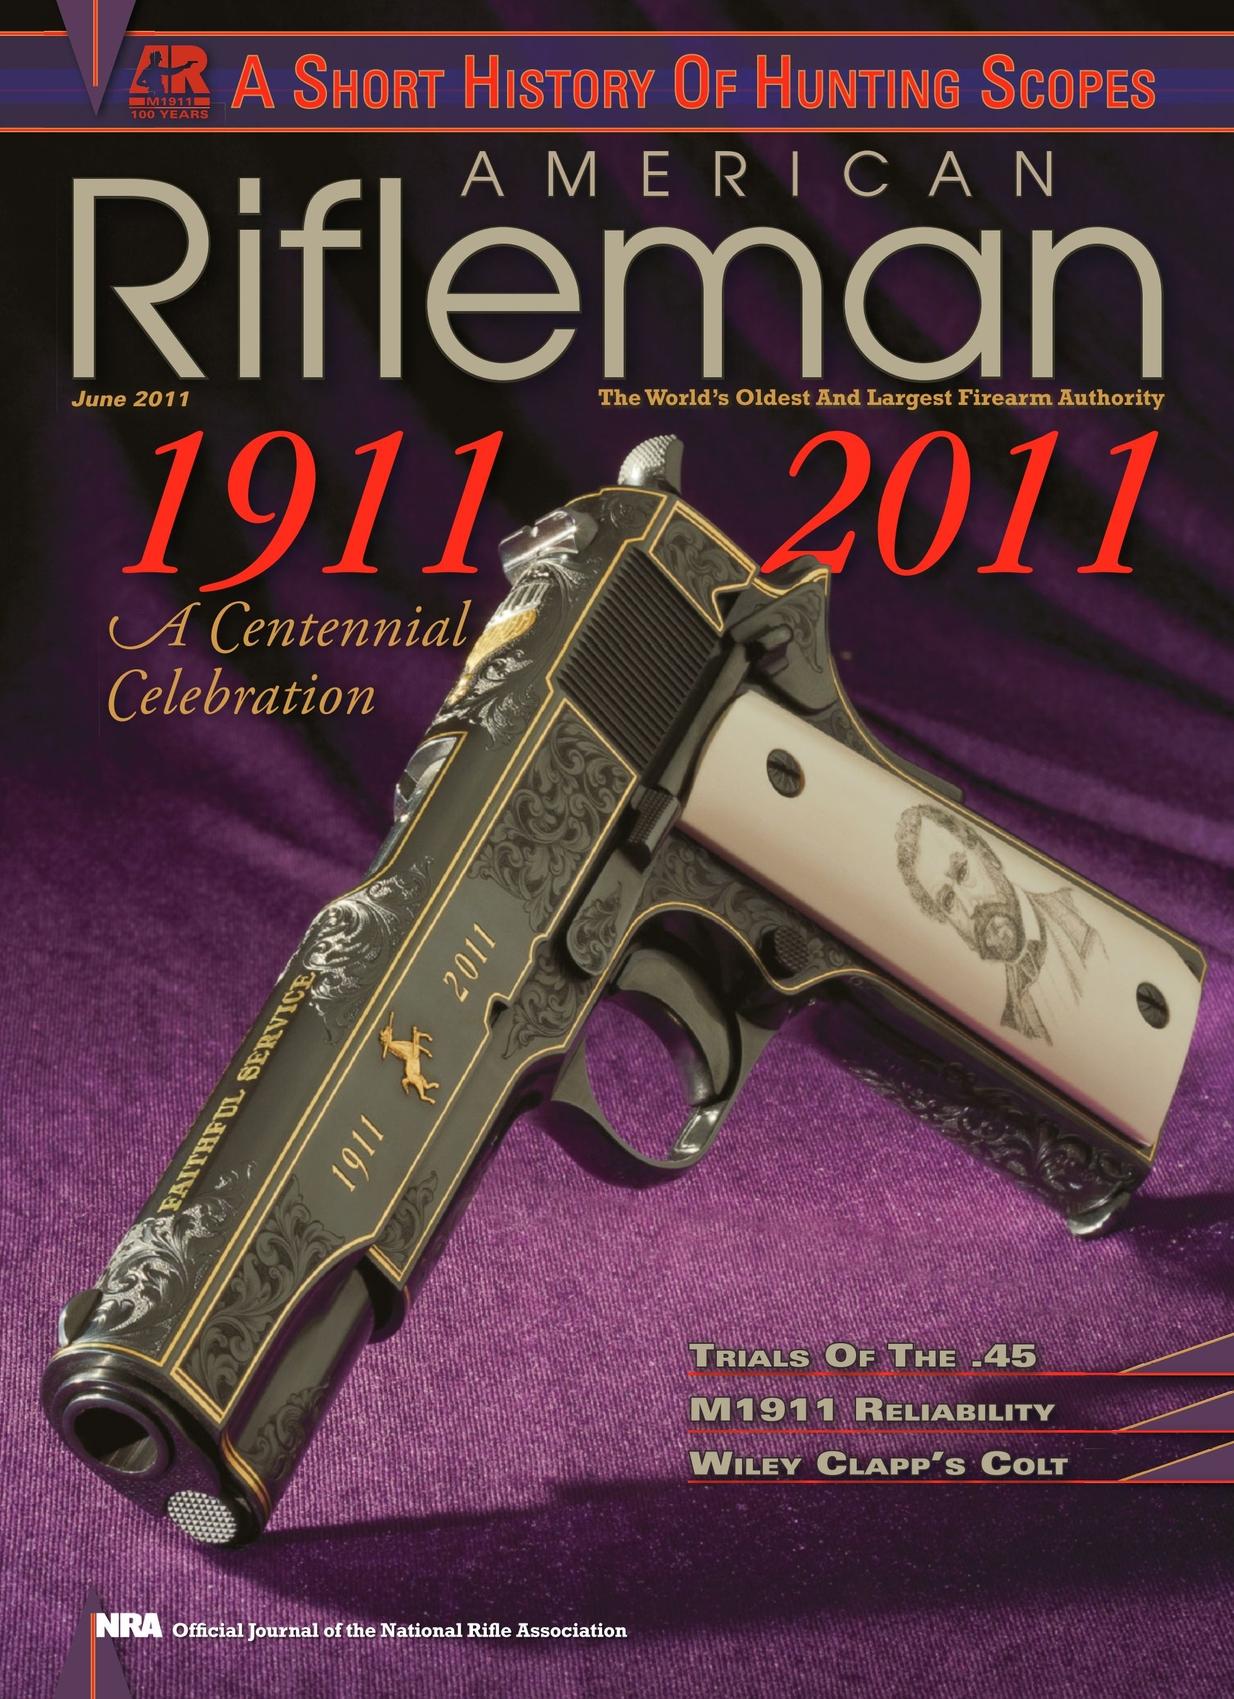 American Rifleman - June 2011